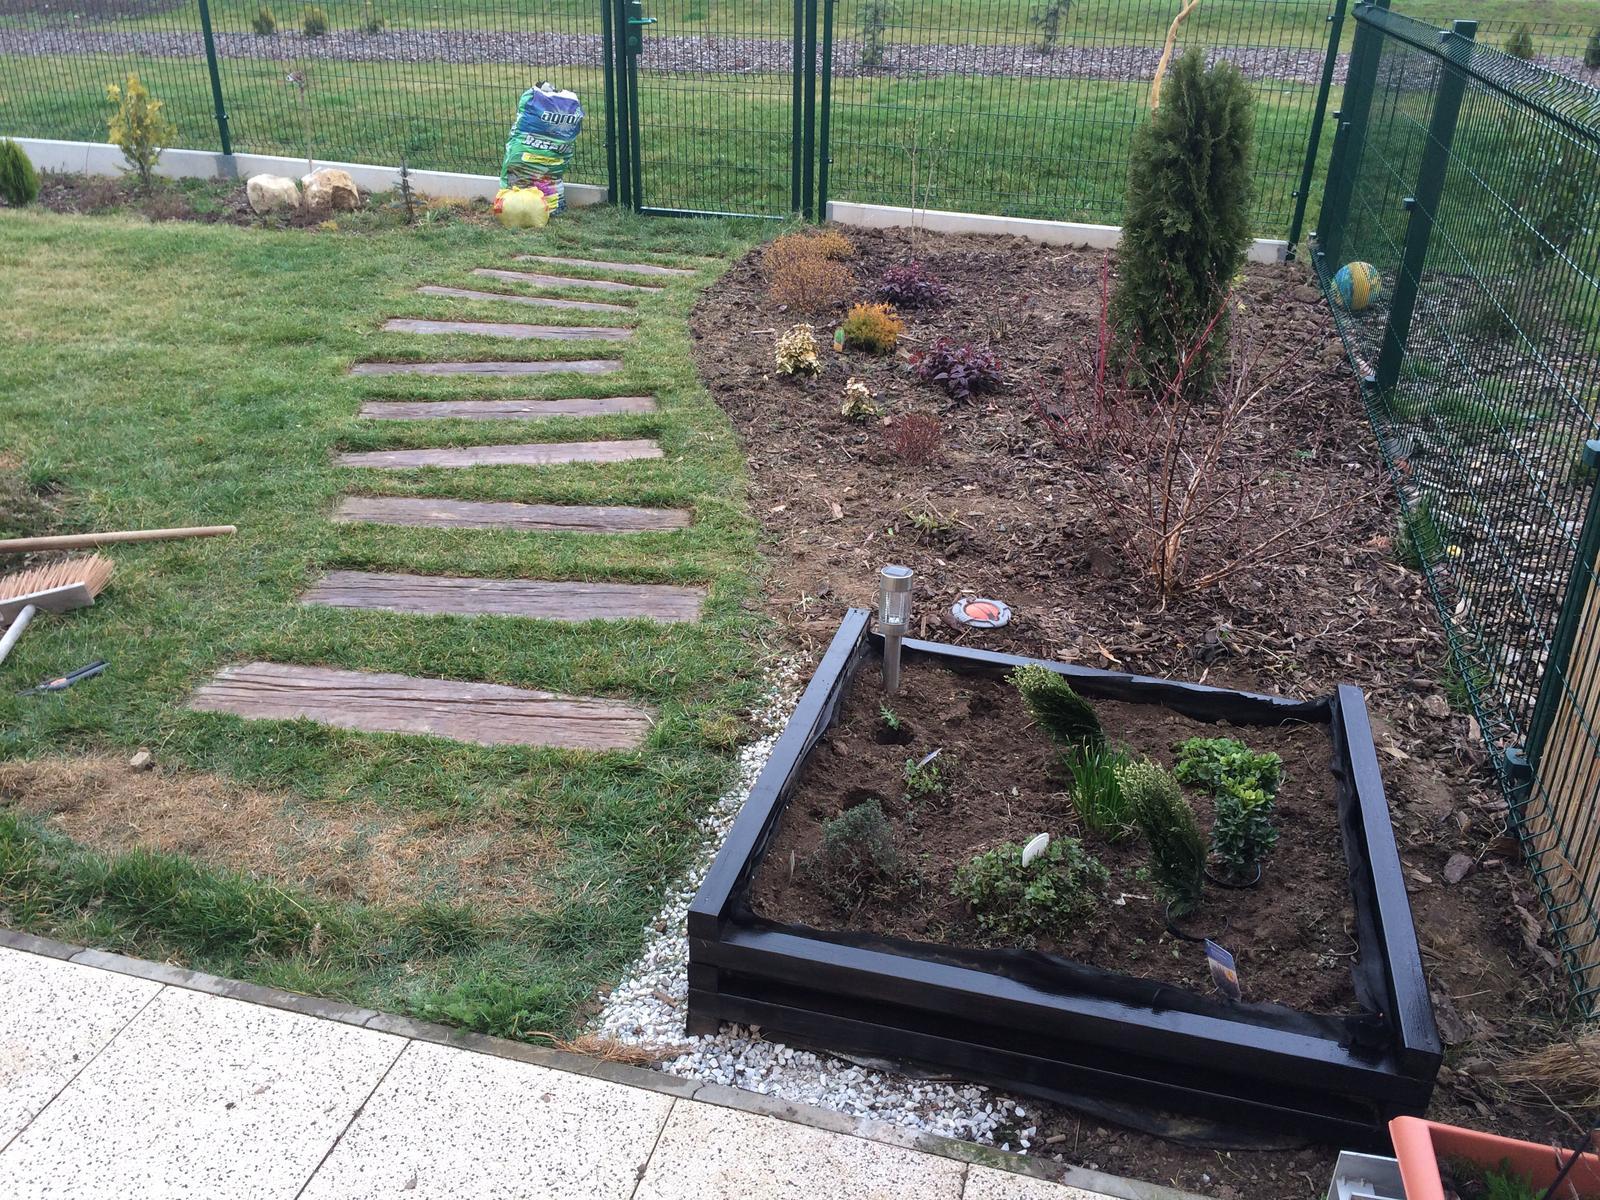 Zahradka nasa 2015 - S tim okrajem zahonu jsem fakt spokojena :)